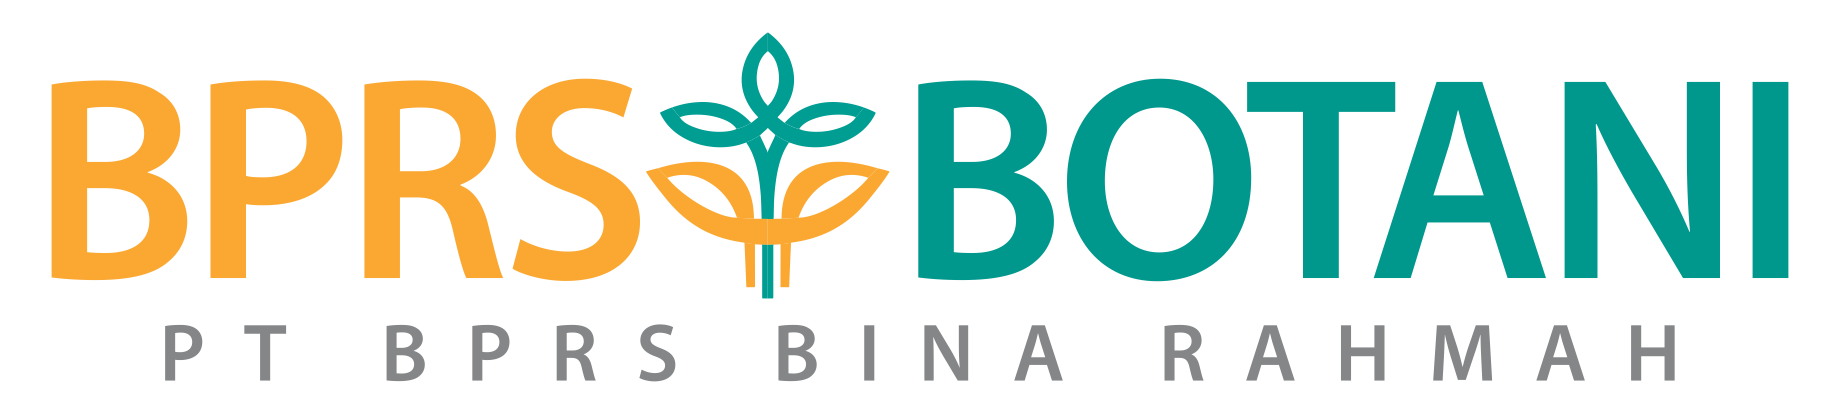 BPRS Botani